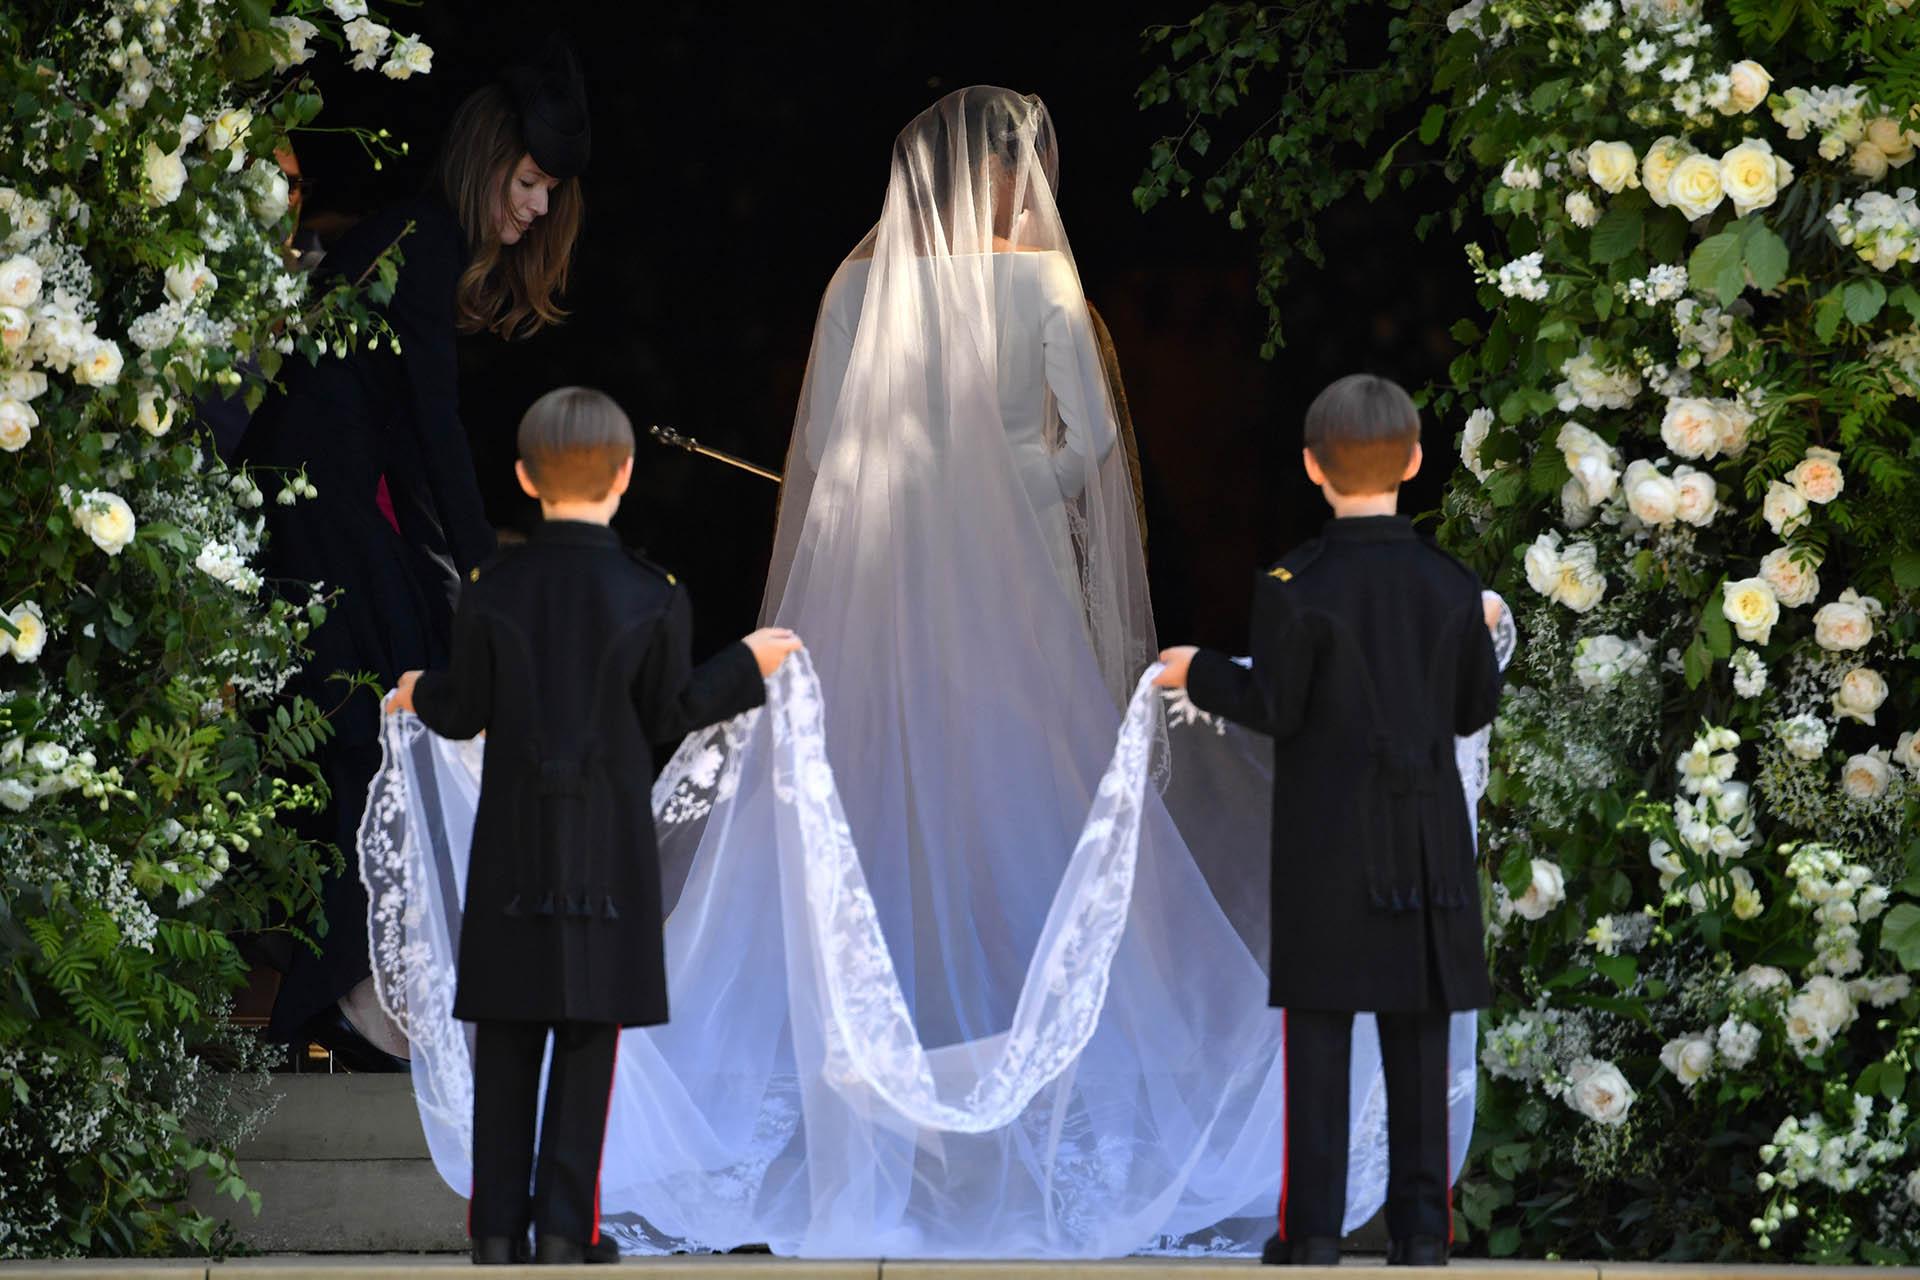 El velo de la novia tiene cinco metros de largo y está hecho de tul de seda con un borde de flores bordadas a mano en hilos de seda y organza (AFP)